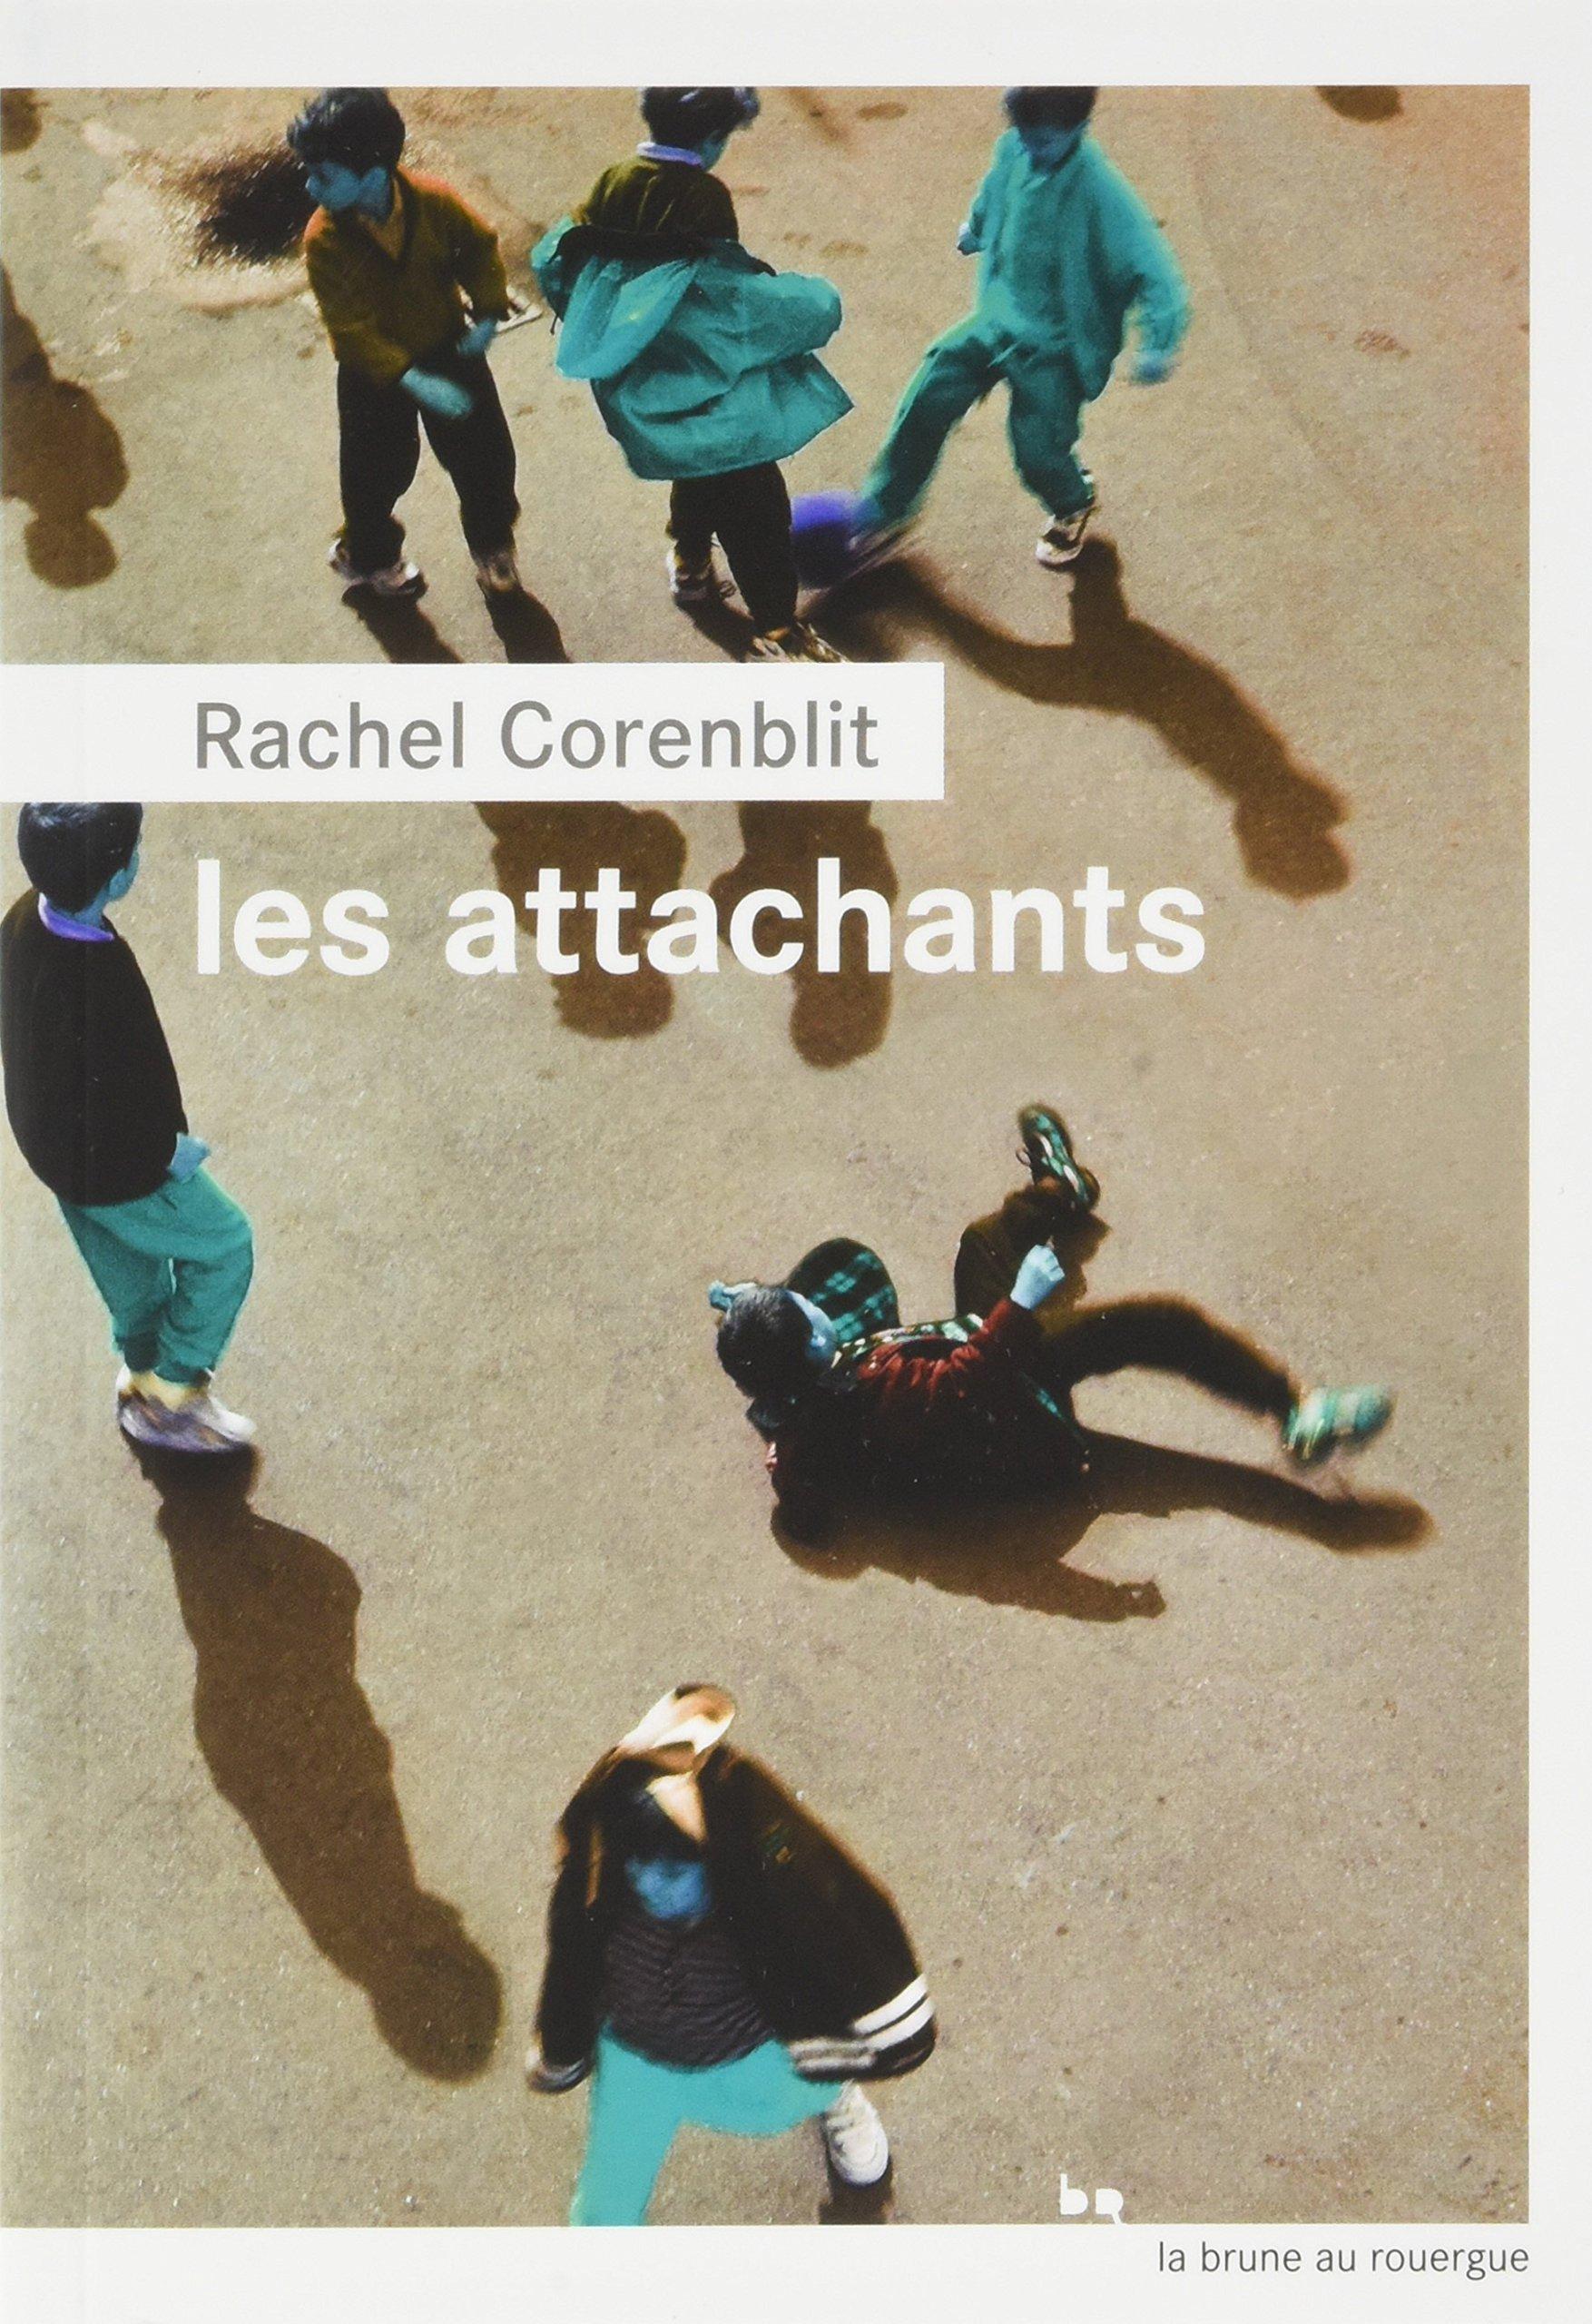 """Résultat de recherche d'images pour """"les attachants rachel corenblit"""""""